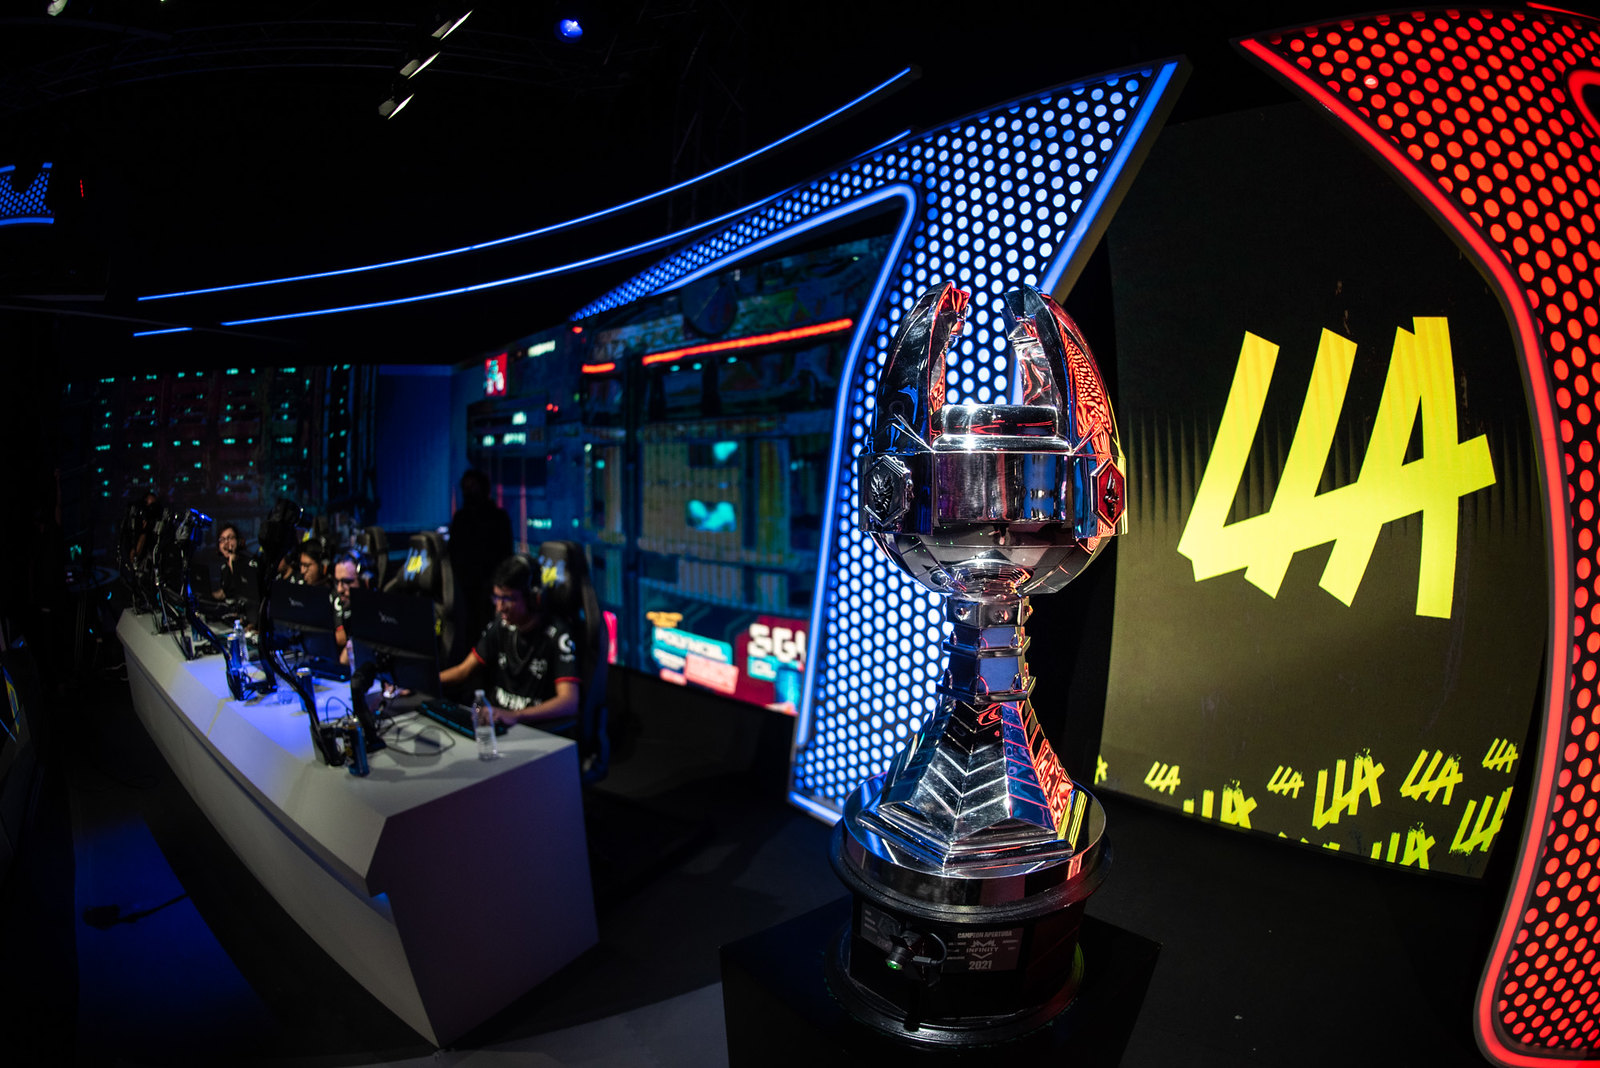 INFINITY es el bicampeón de la LLA y representará a Latinoamérica en Worlds 2021